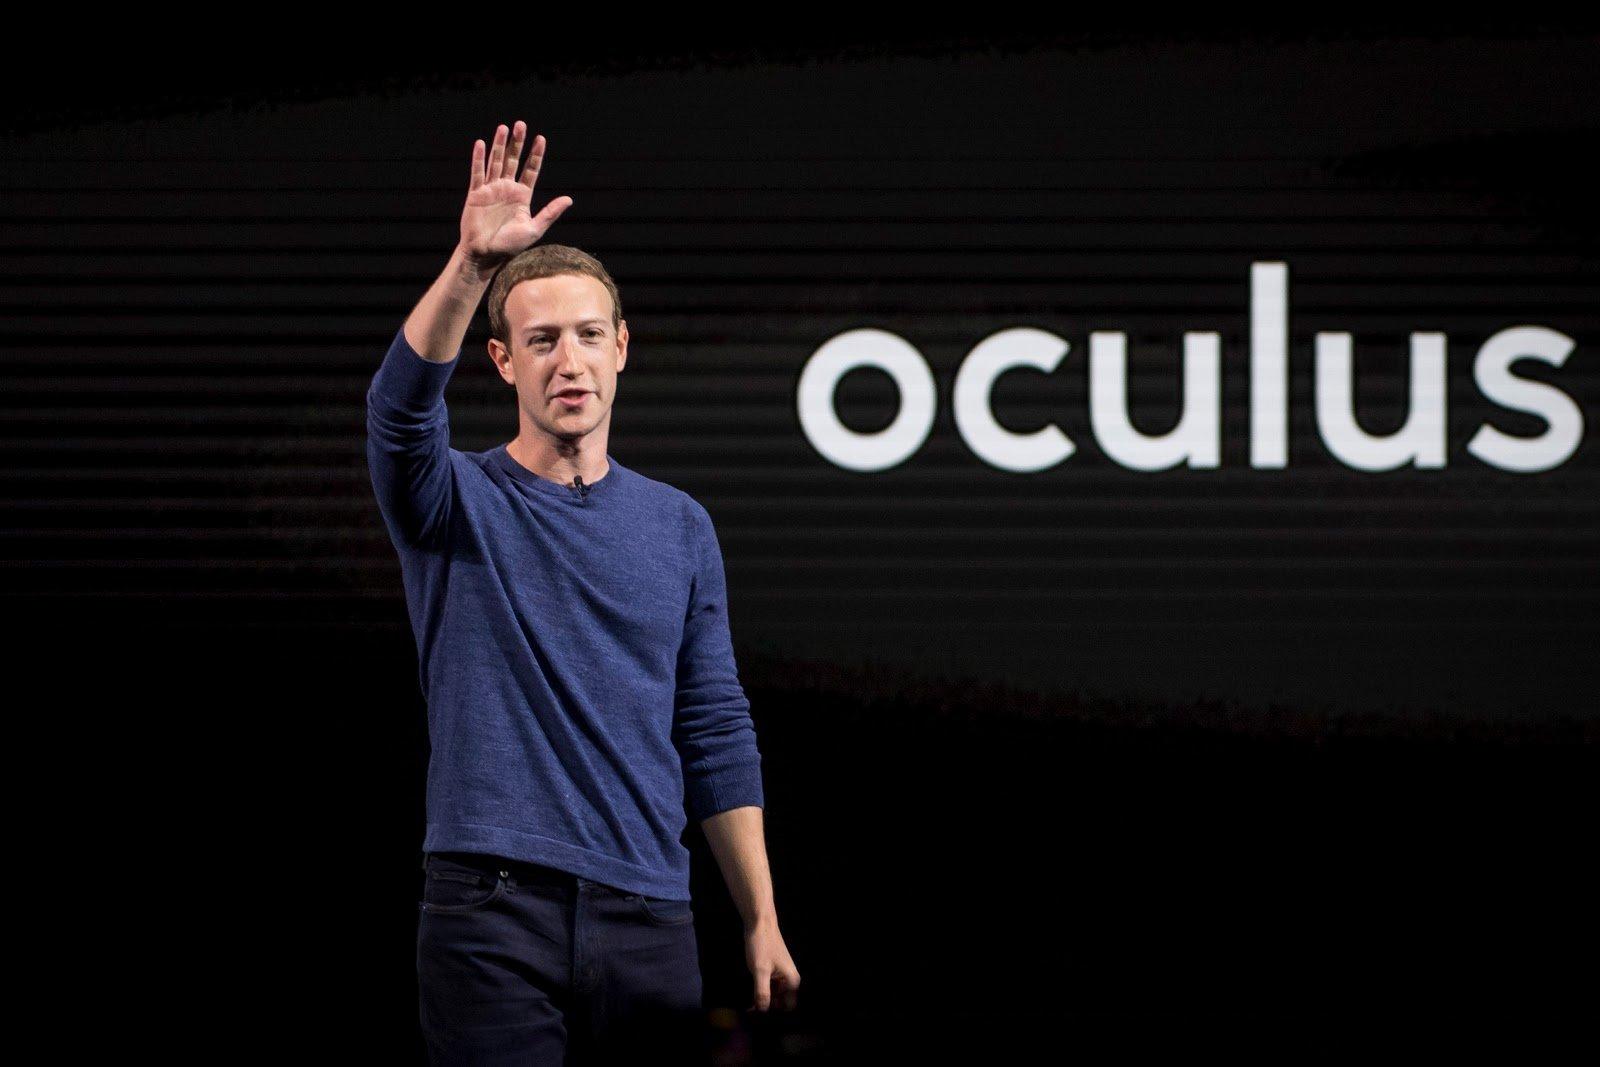 Un nouveau casque de r alit virtuelle Oculus 5